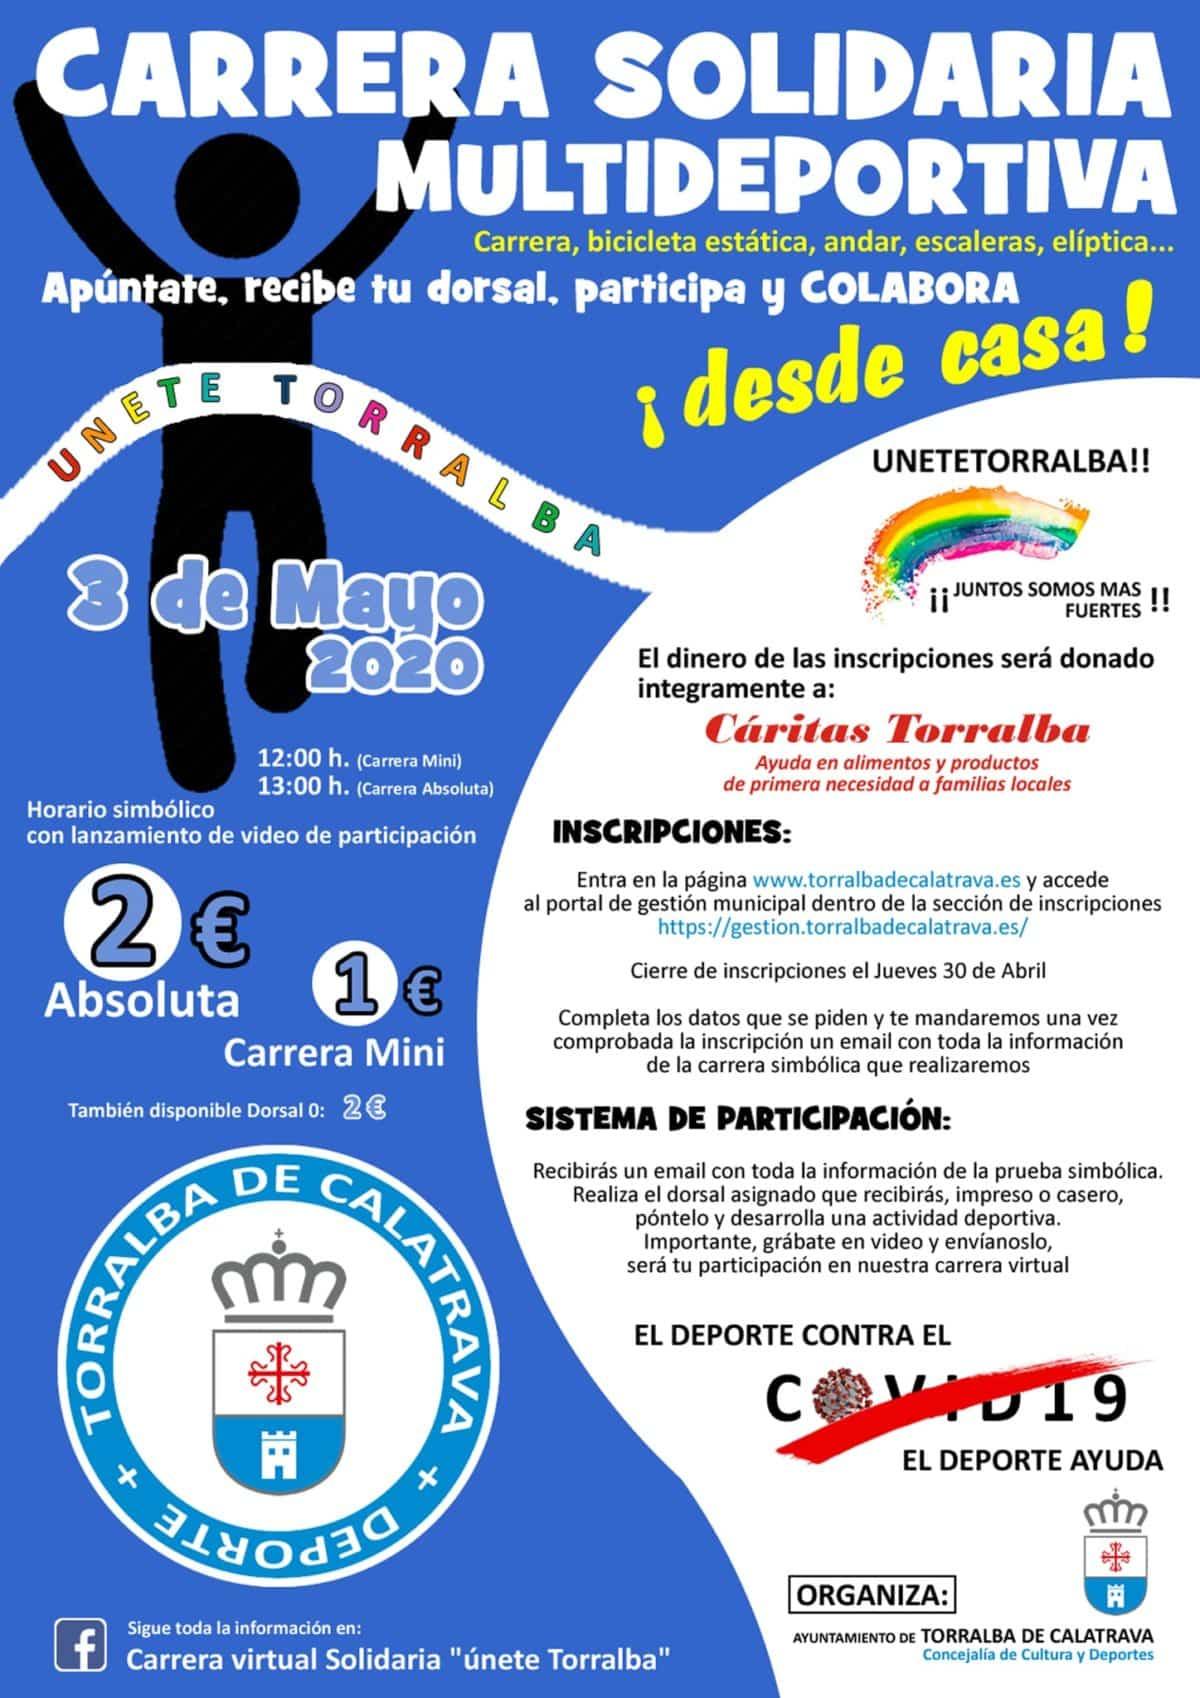 El Ayuntamiento de Torralba de Calatrava organiza la Carrera Solidaria Virtual 1